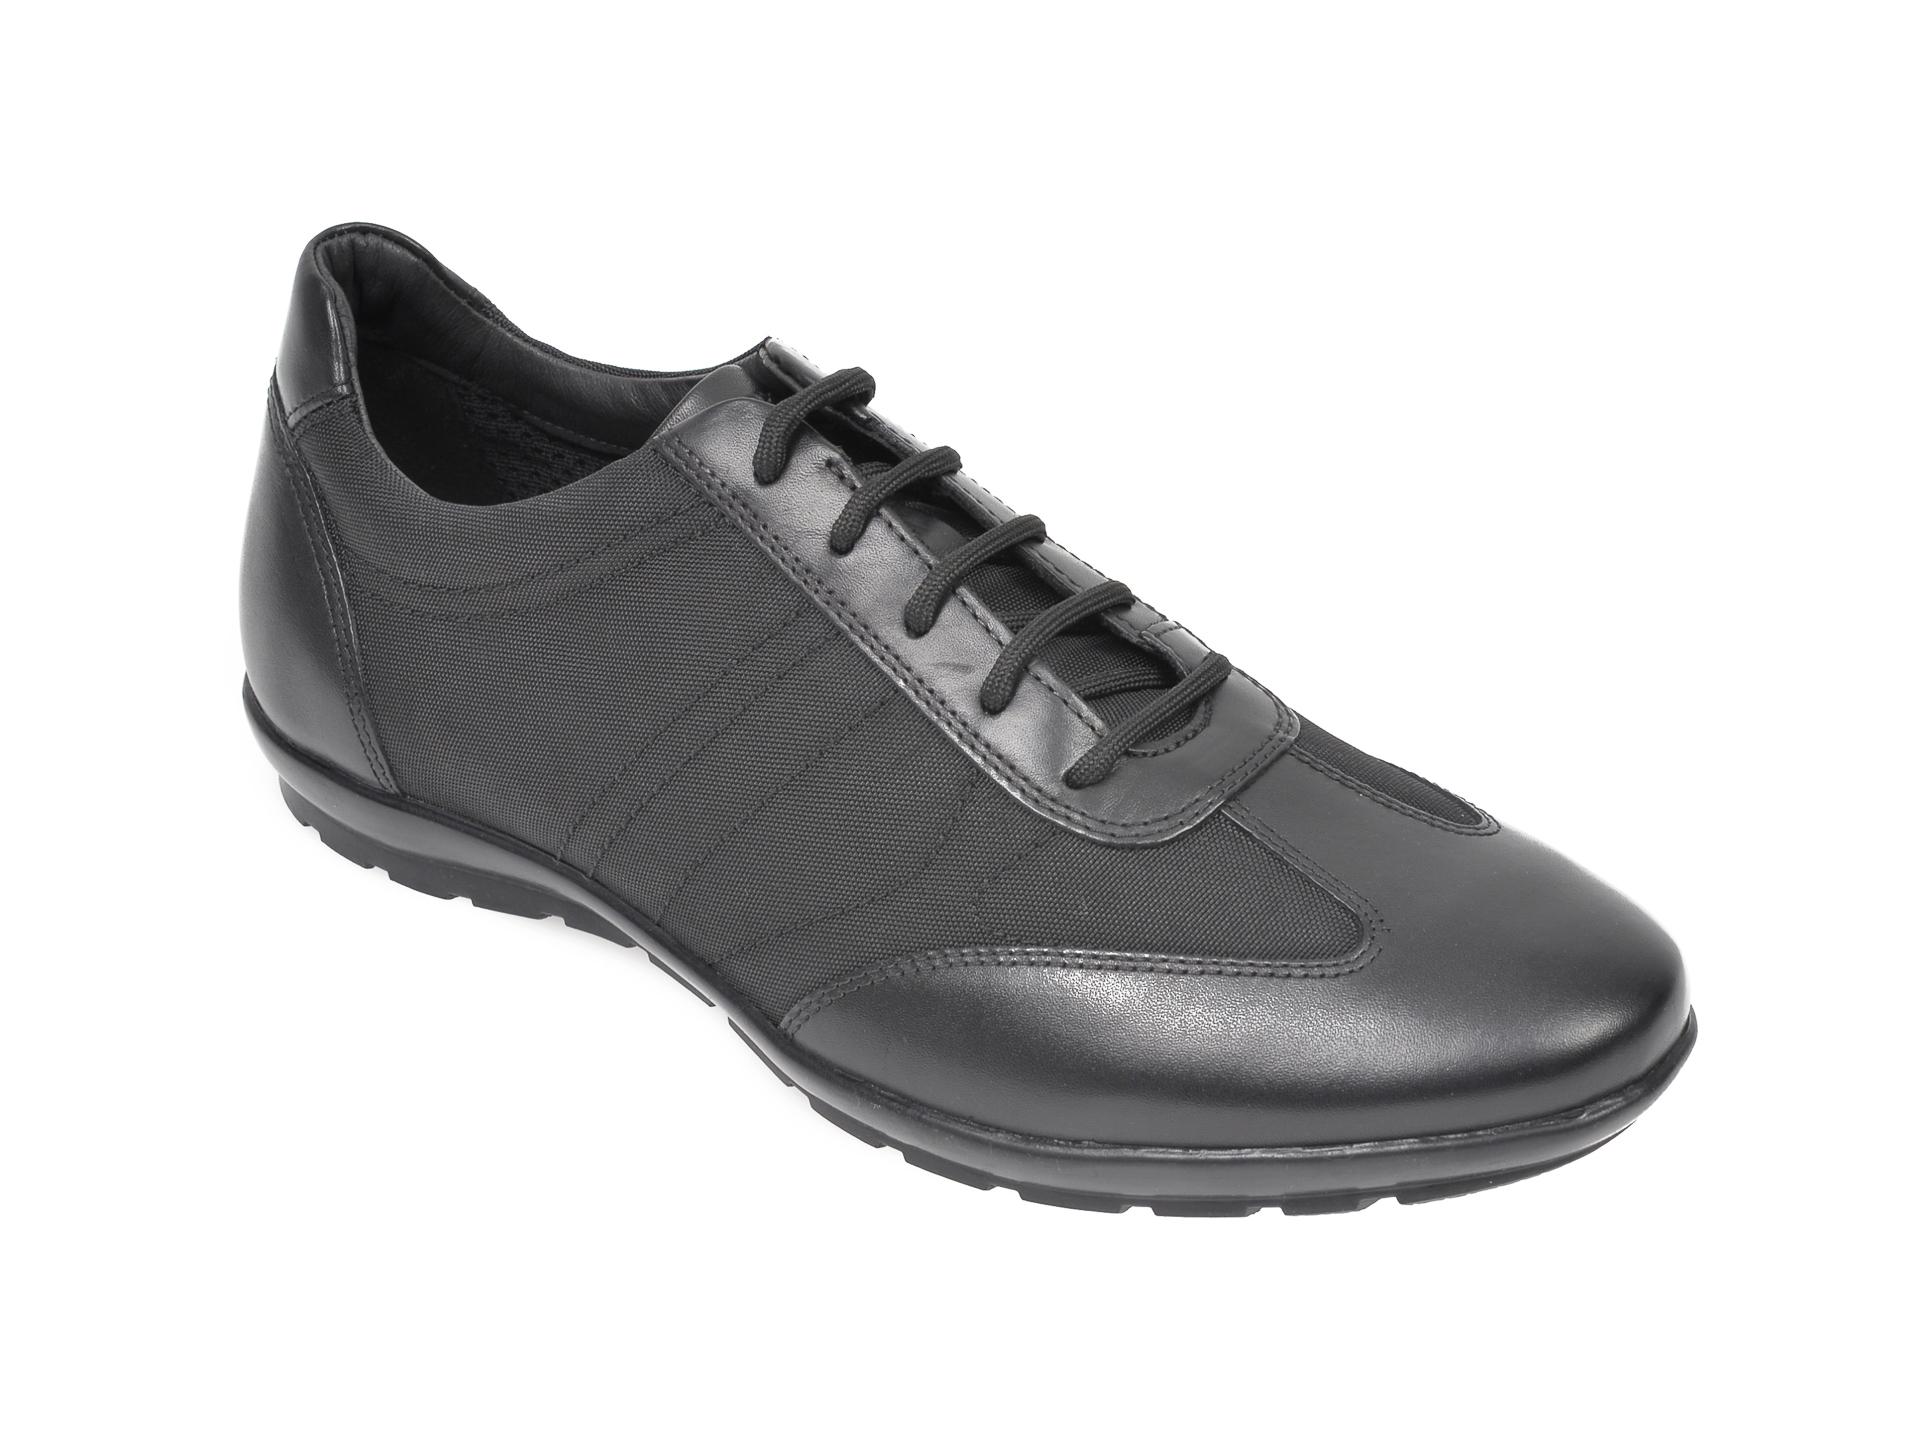 Pantofi sport GEOX negri, U74A5B, din piele naturala si material textil imagine